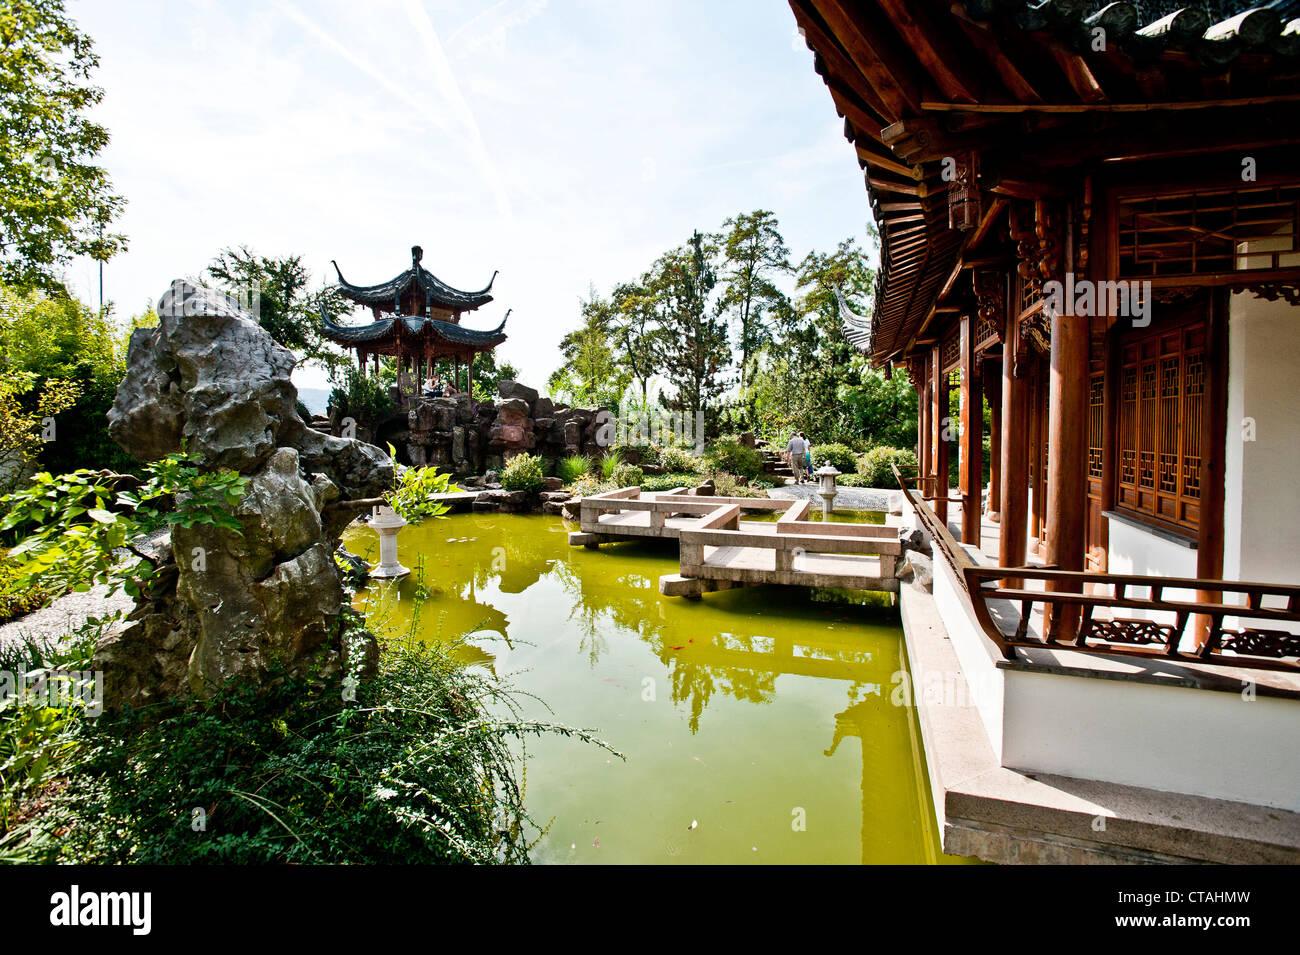 Chinesischer Garten In Stuttgart Baden Württemberg Deutschland